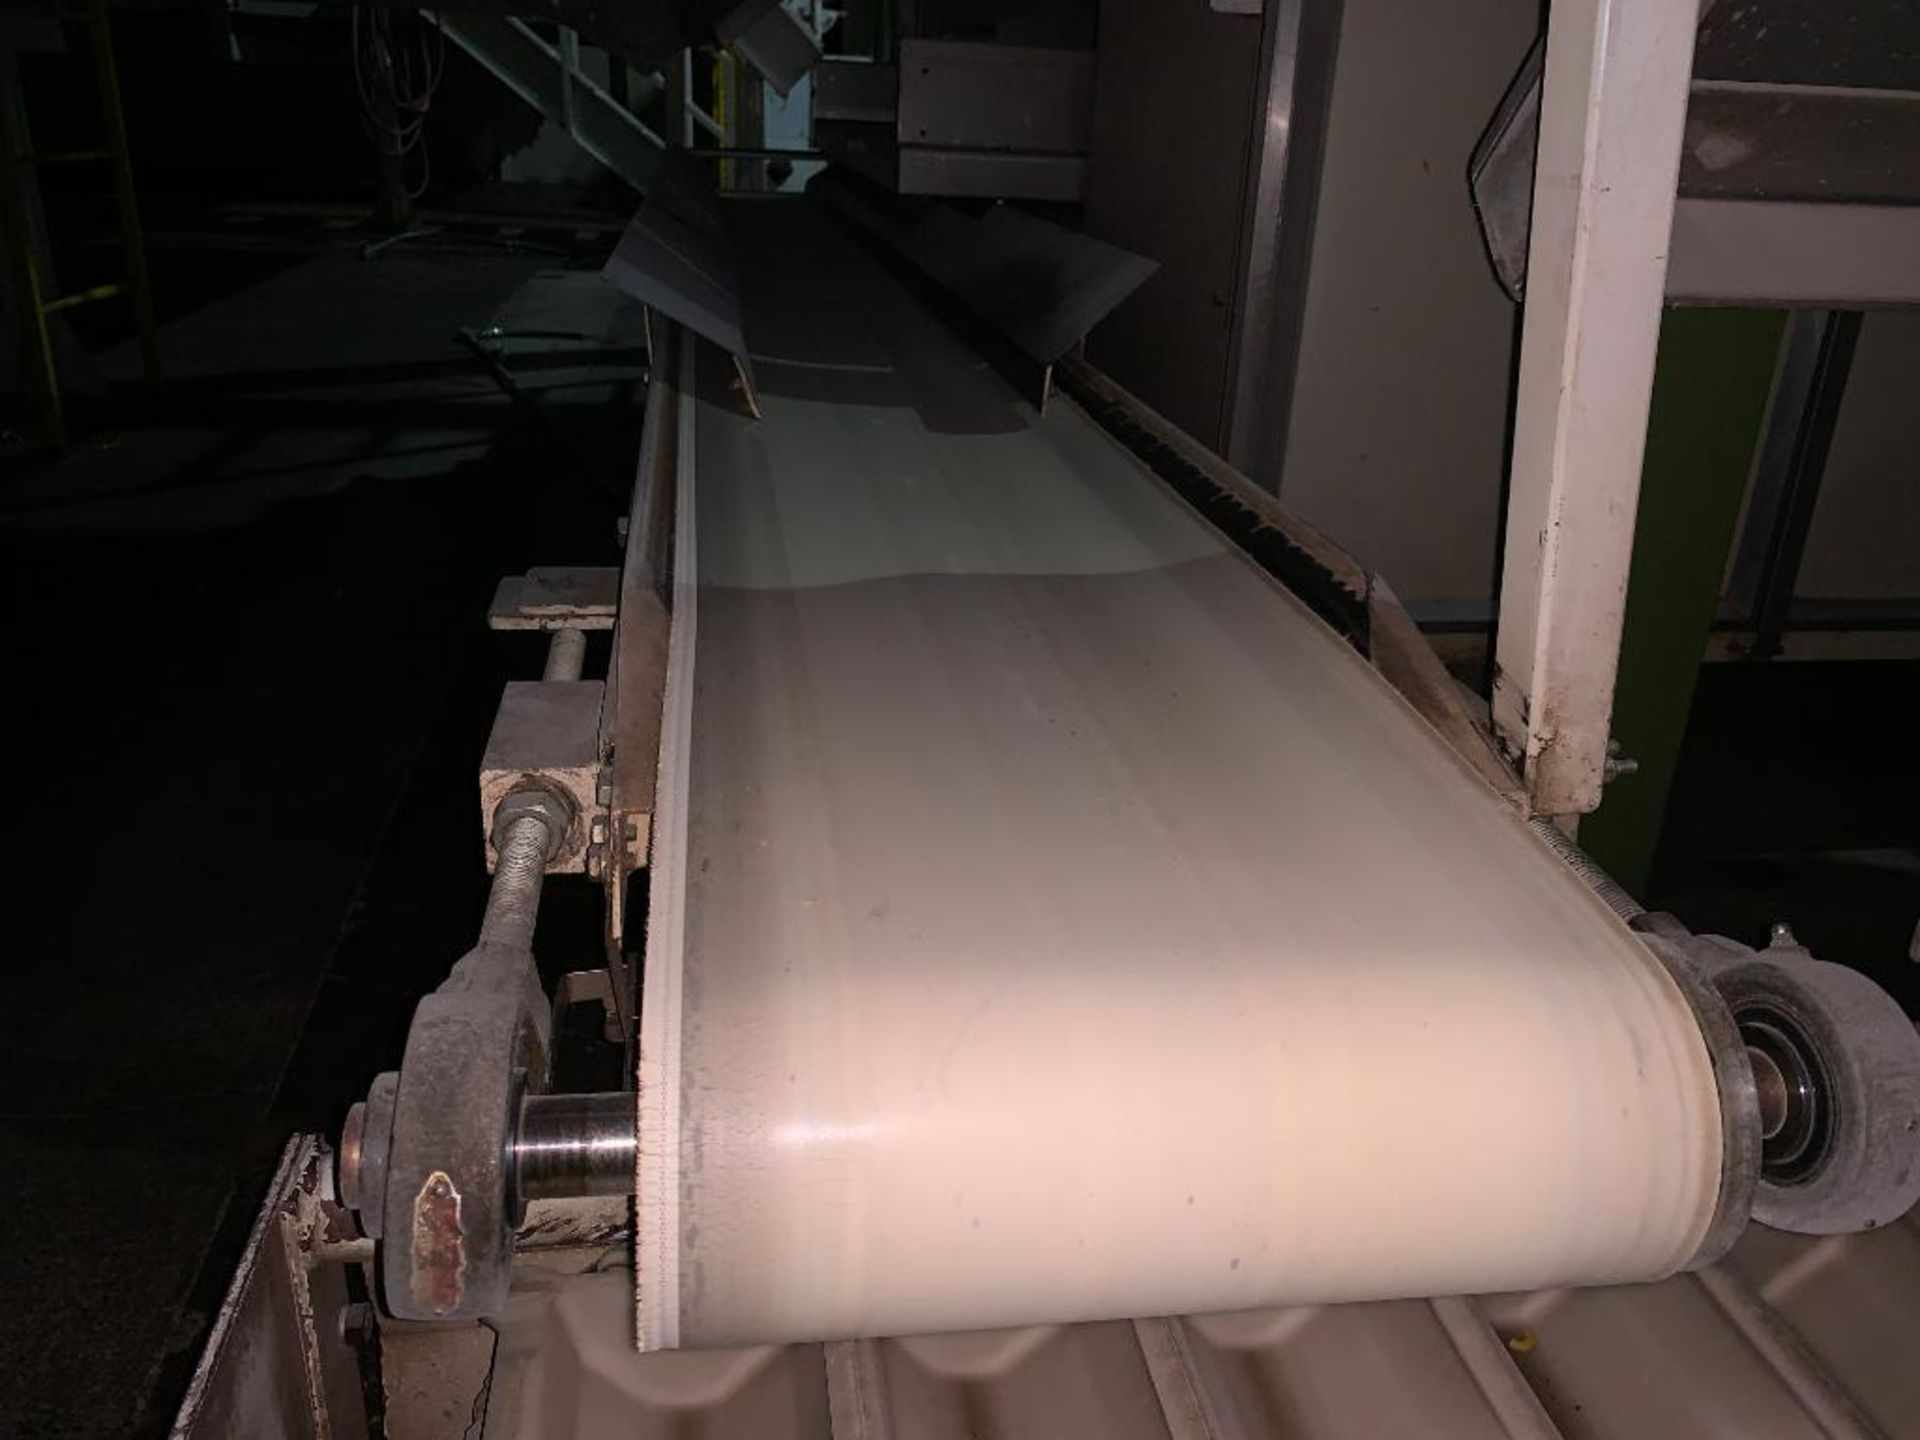 mild steel belt conveyor - Image 7 of 9